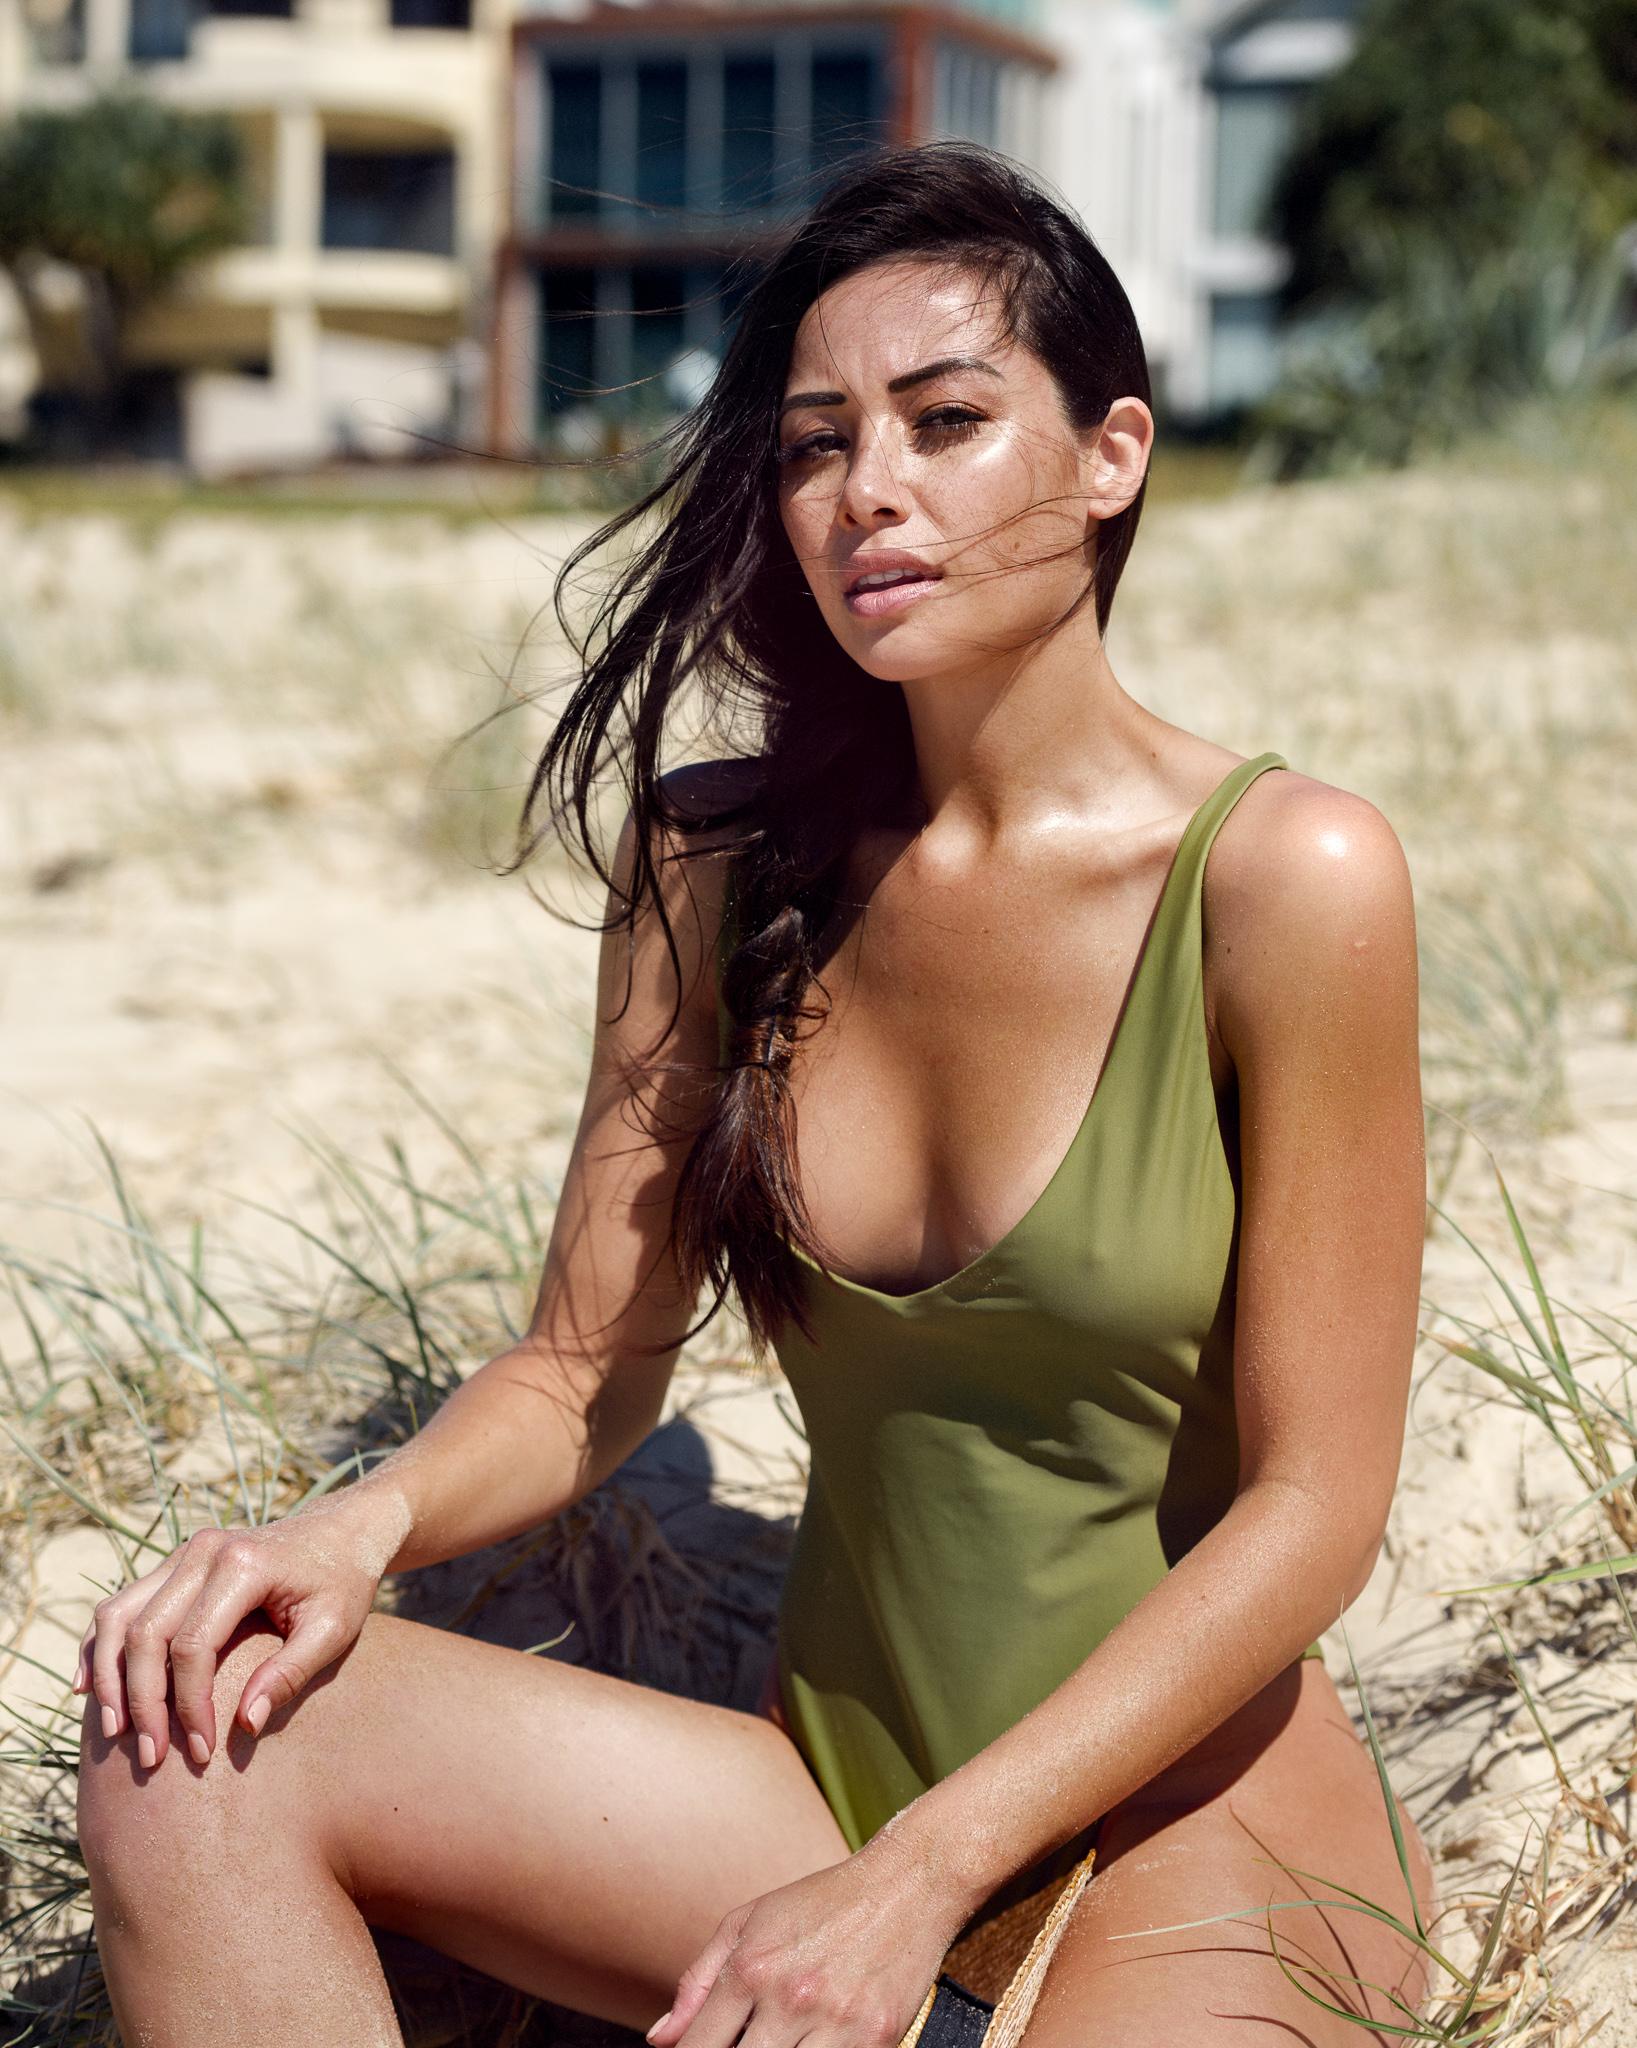 Sonya Sweeli